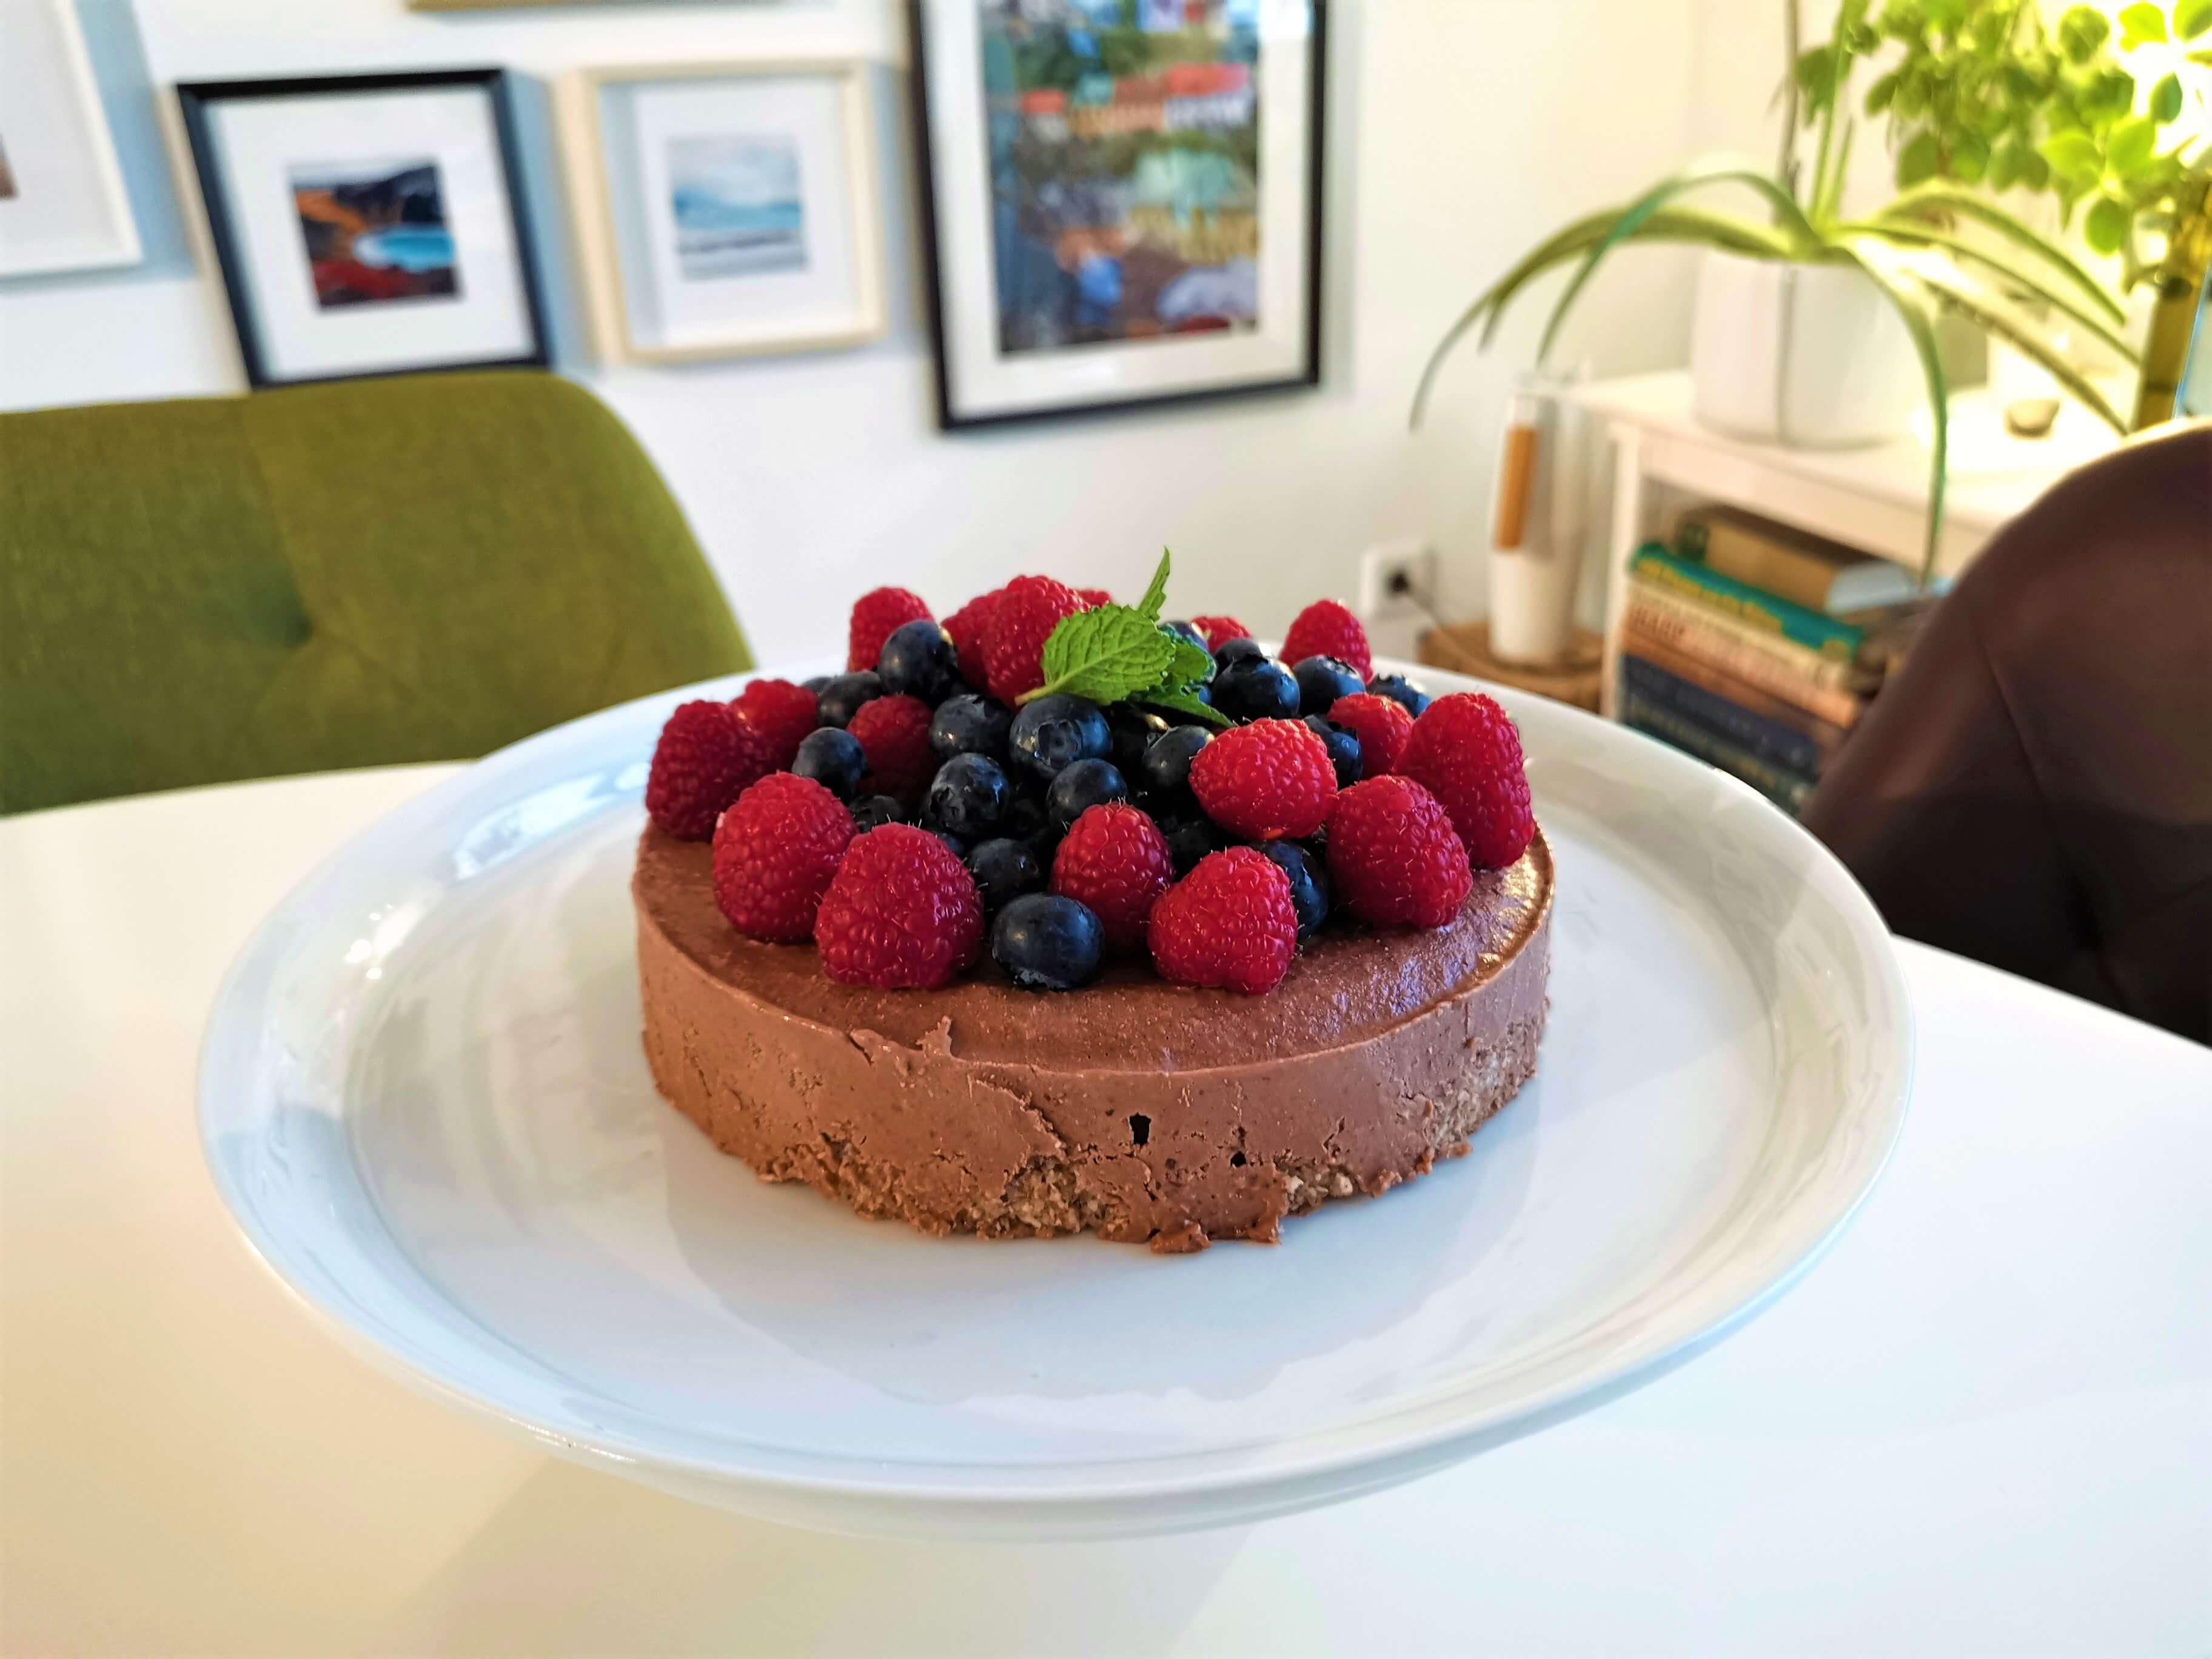 IMG 20190422 181620 1 - Sündigen ohne Reue – RAW-Cake ohne Zucker und Mehl